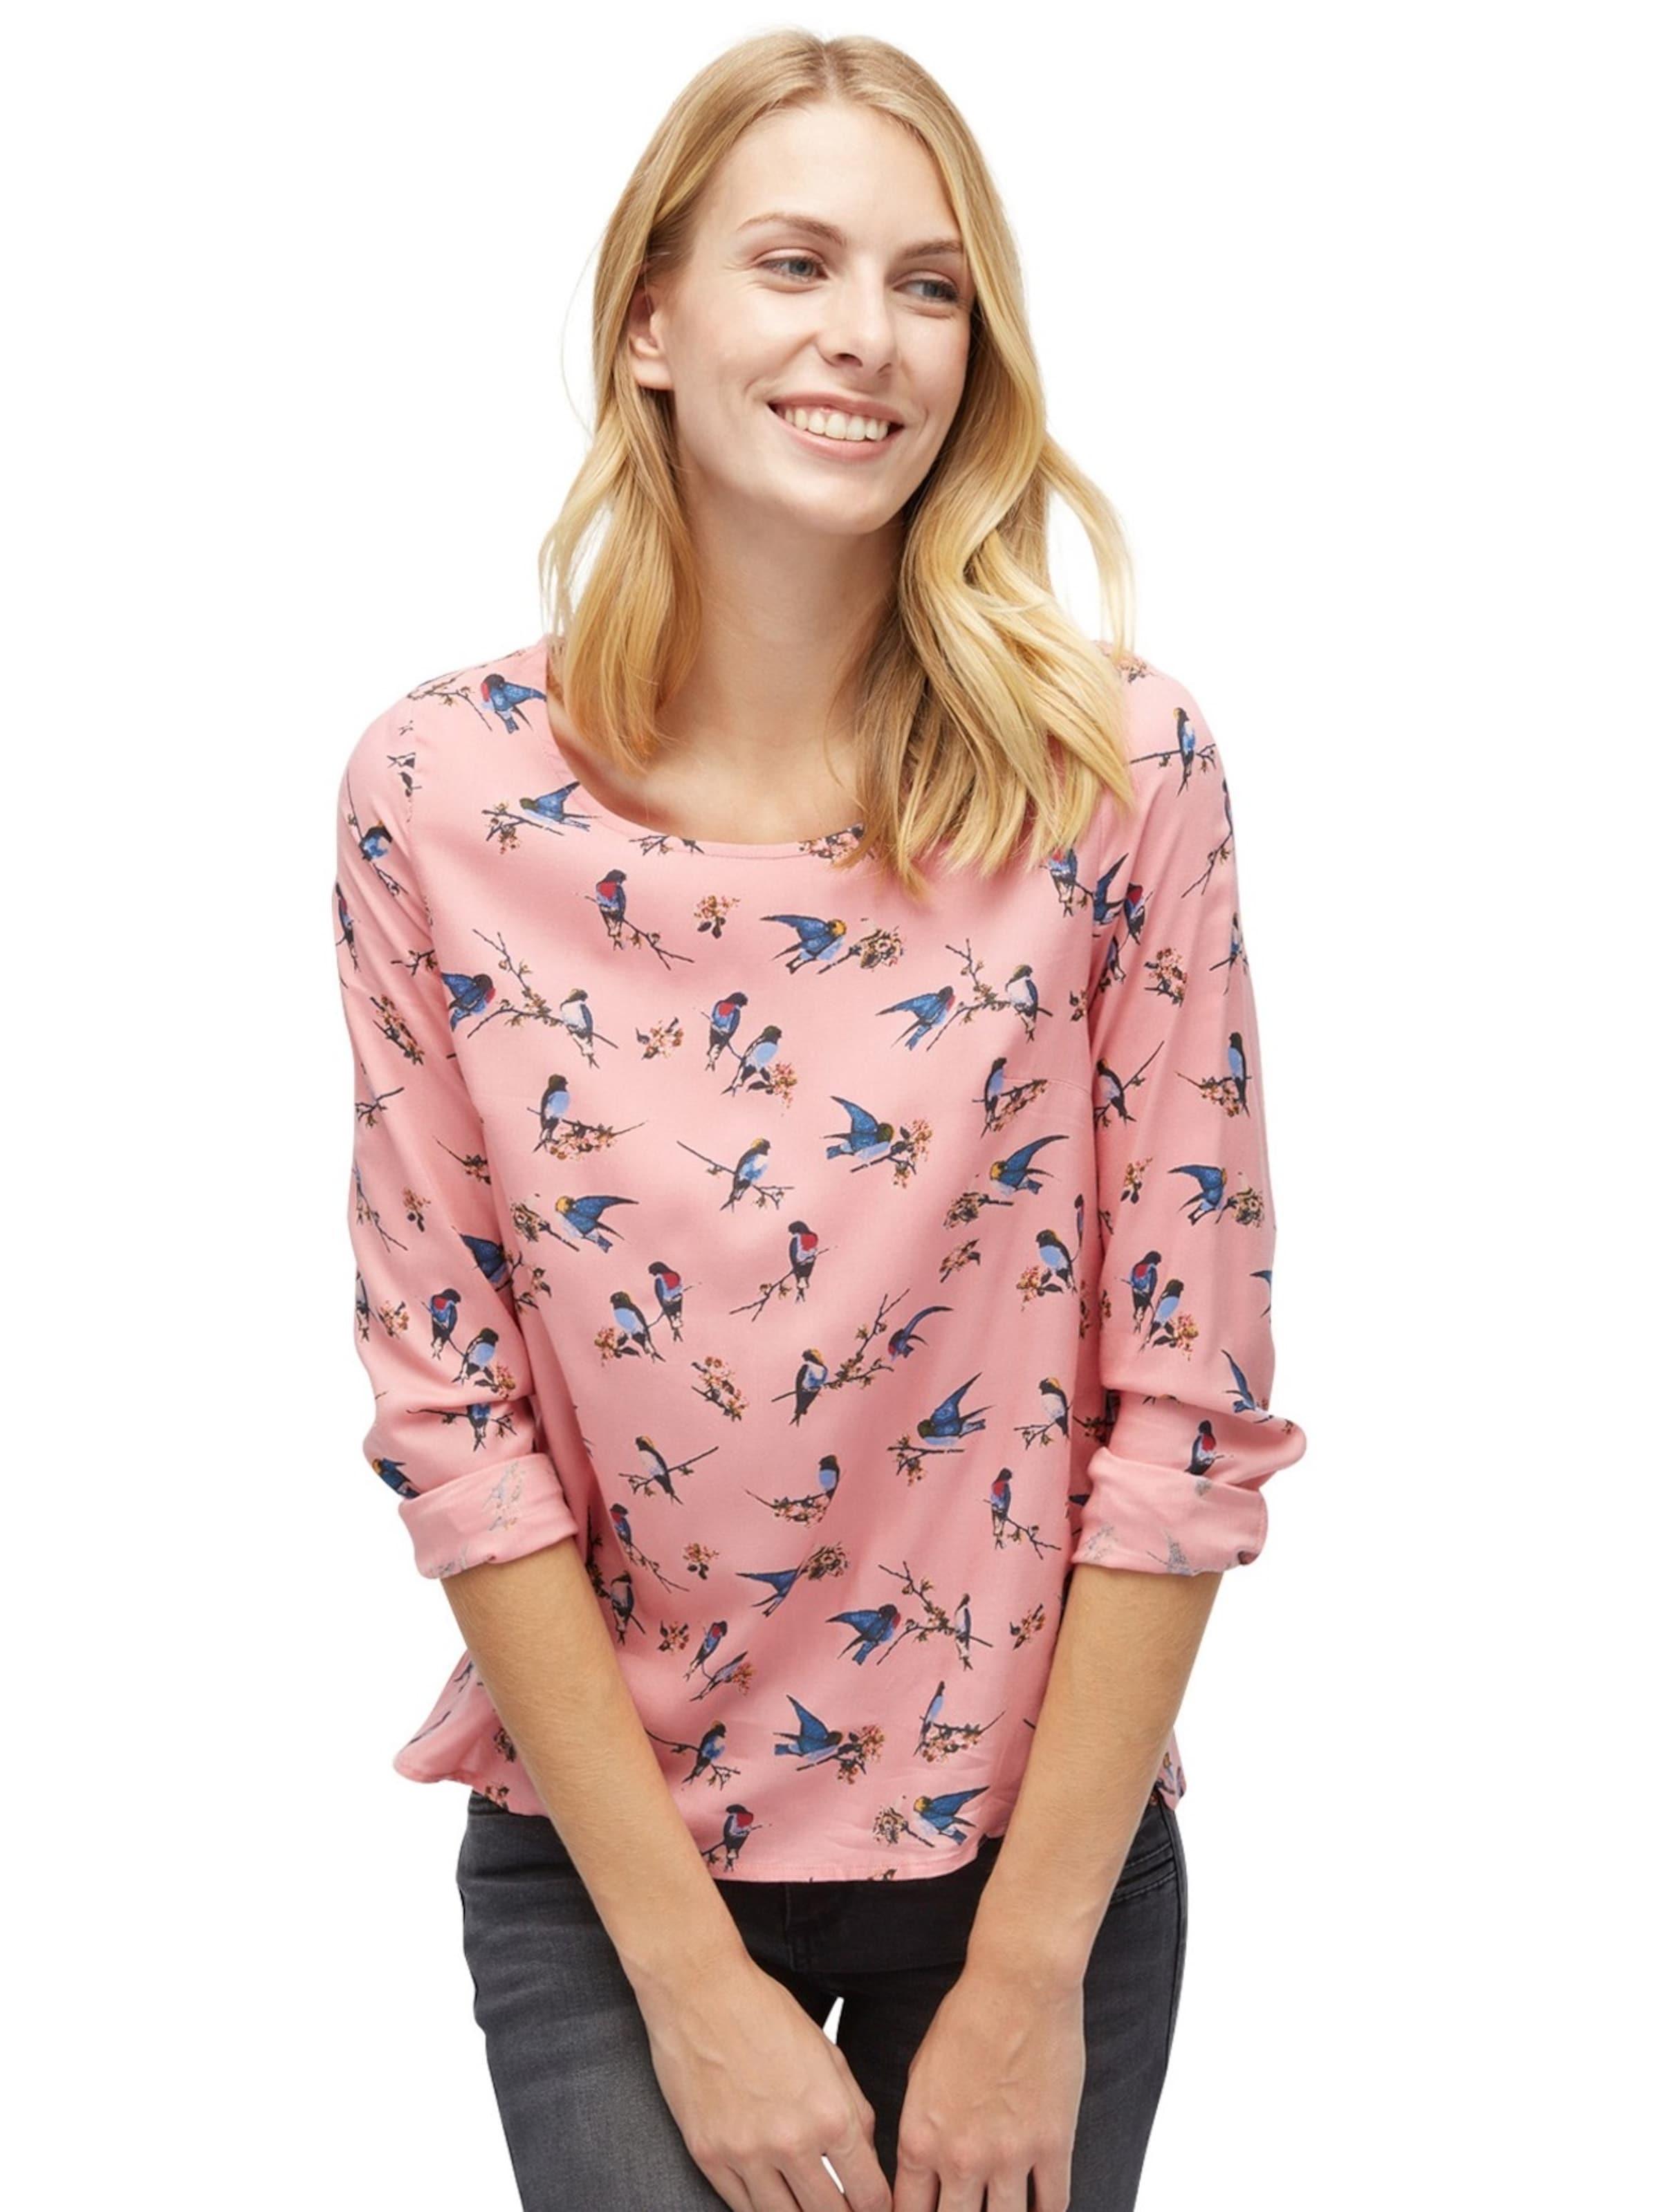 Für Schönen Günstigen Preis TOM TAILOR Shirt / Blouse gemusterte Bluse Verkauf Finish Auslasszwischenraum Store Perfekt Zum Verkauf 100% Original Günstig Online 4XJDA